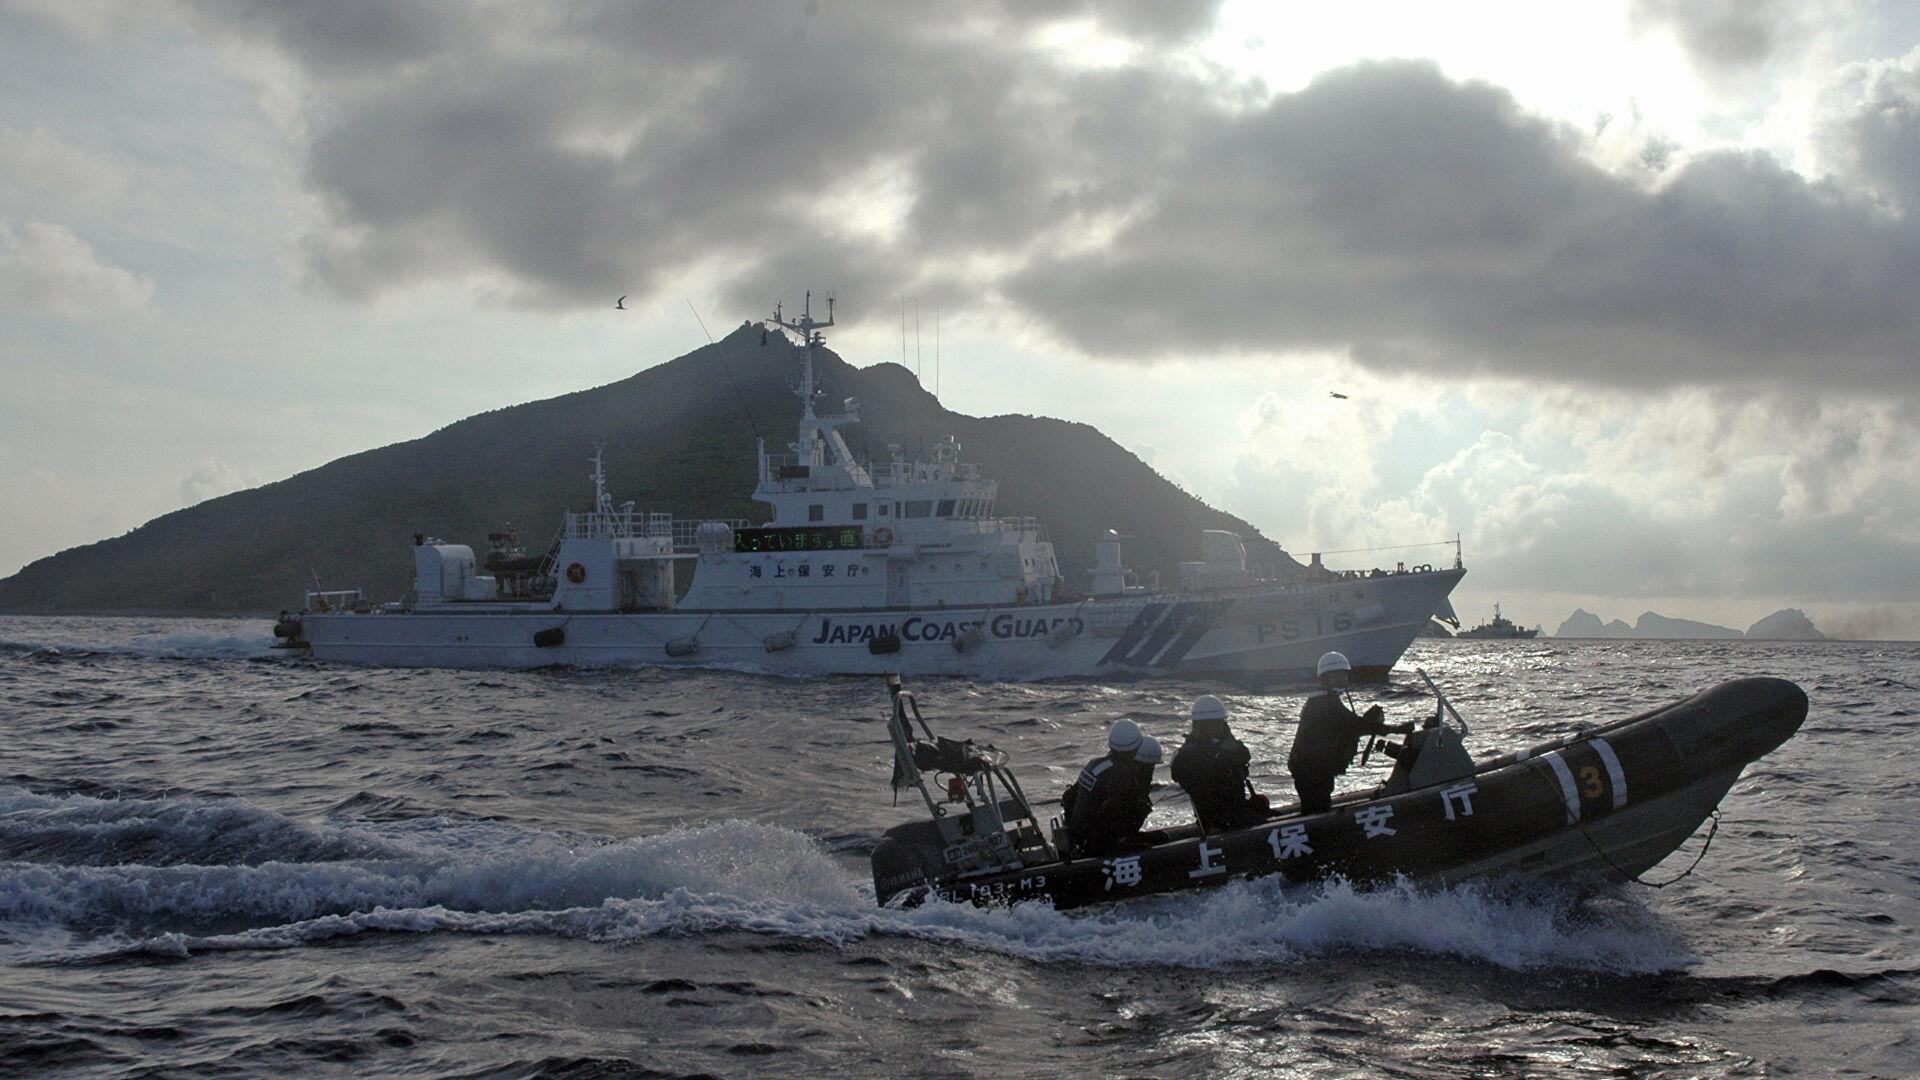 Генконсул России сообщил детали столкновения судов в Охотском море